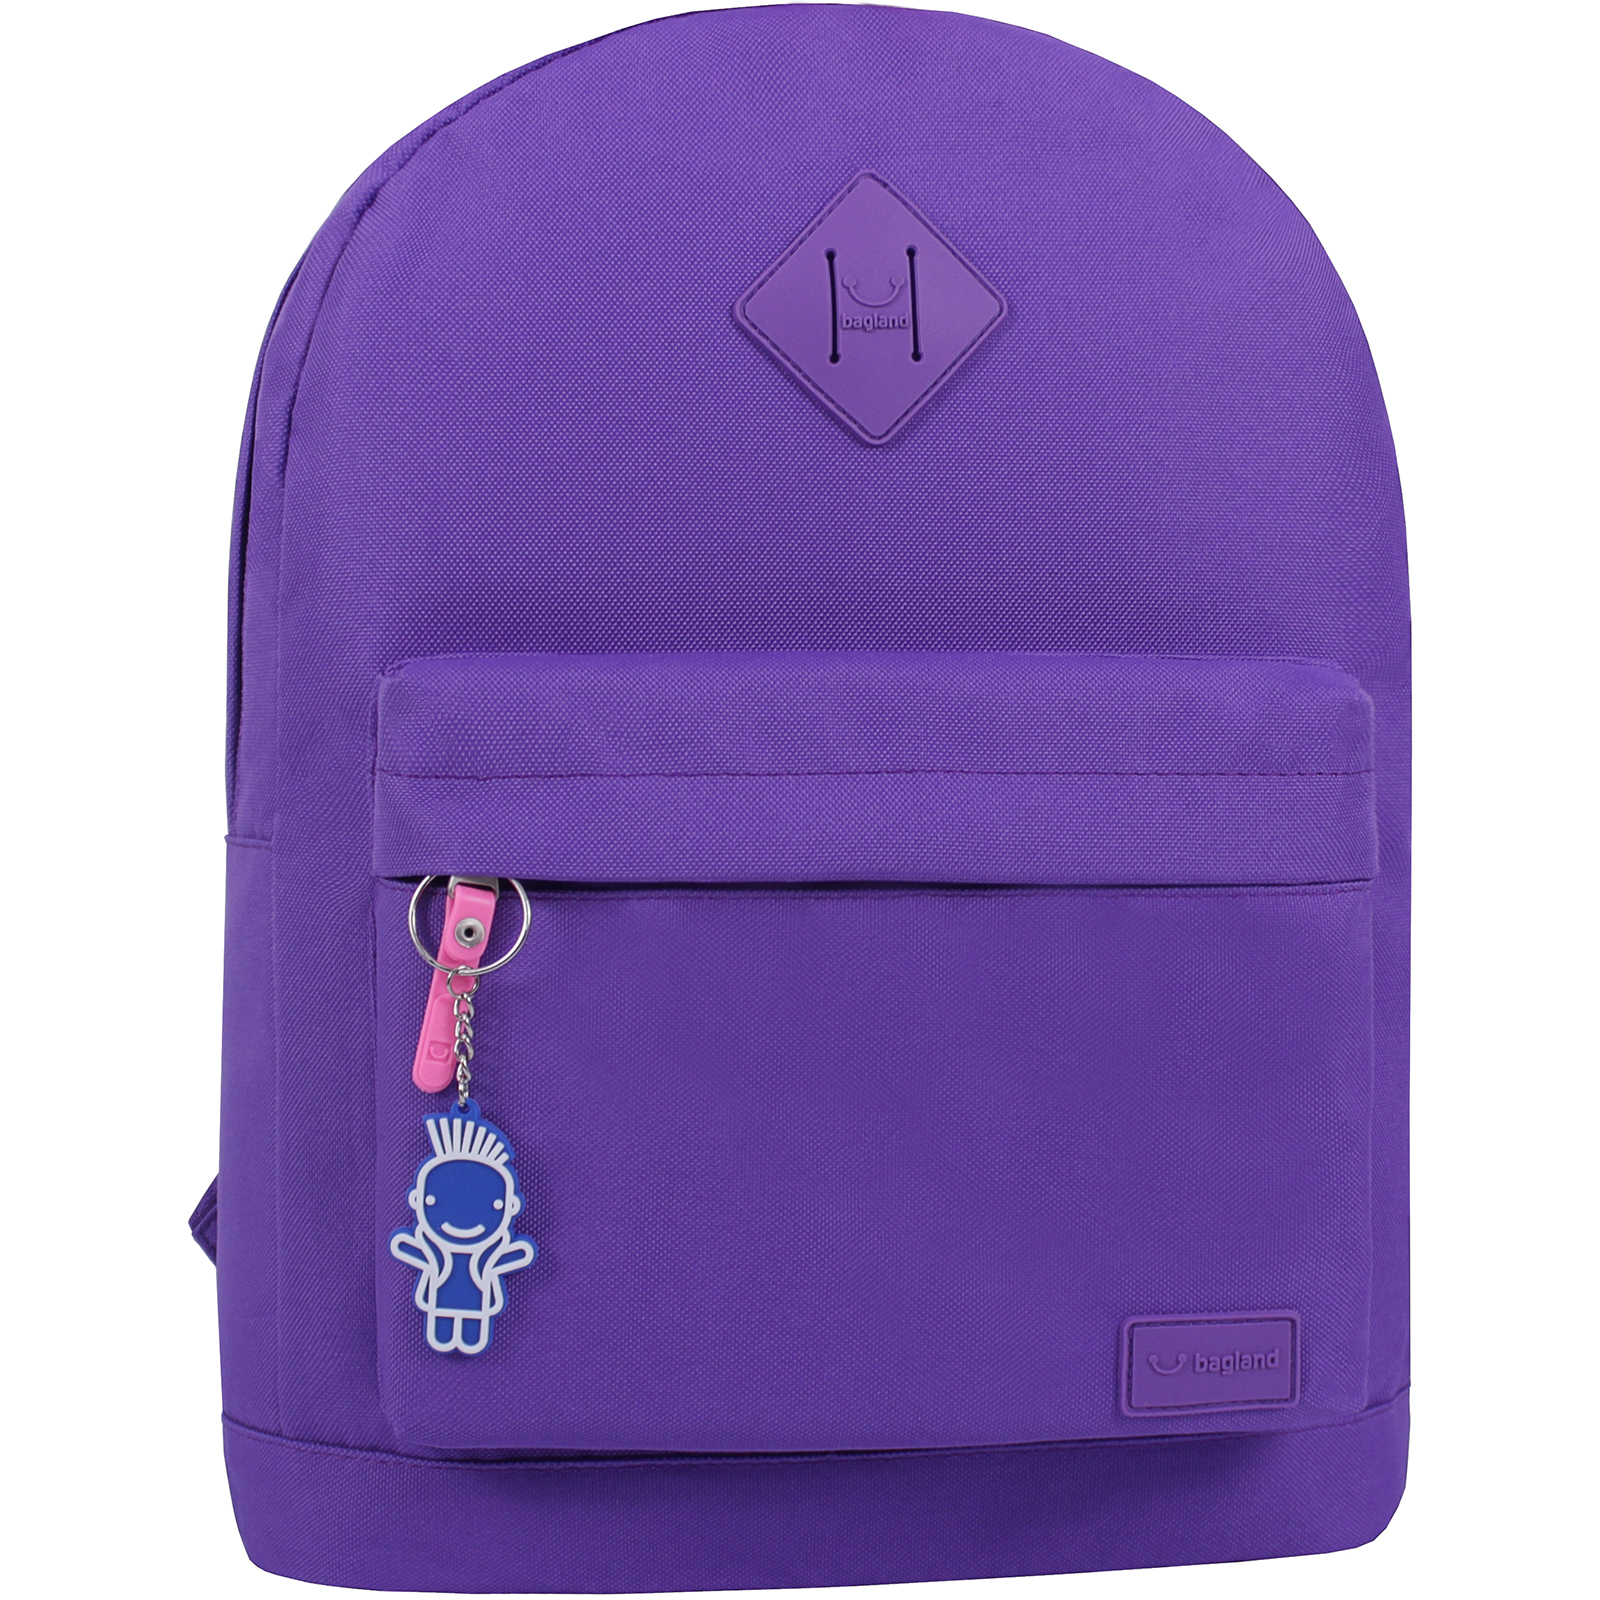 Городские рюкзаки Рюкзак Bagland Молодежный W/R 17 л. фиолетовый 170 (00533662) IMG_0782.JPG